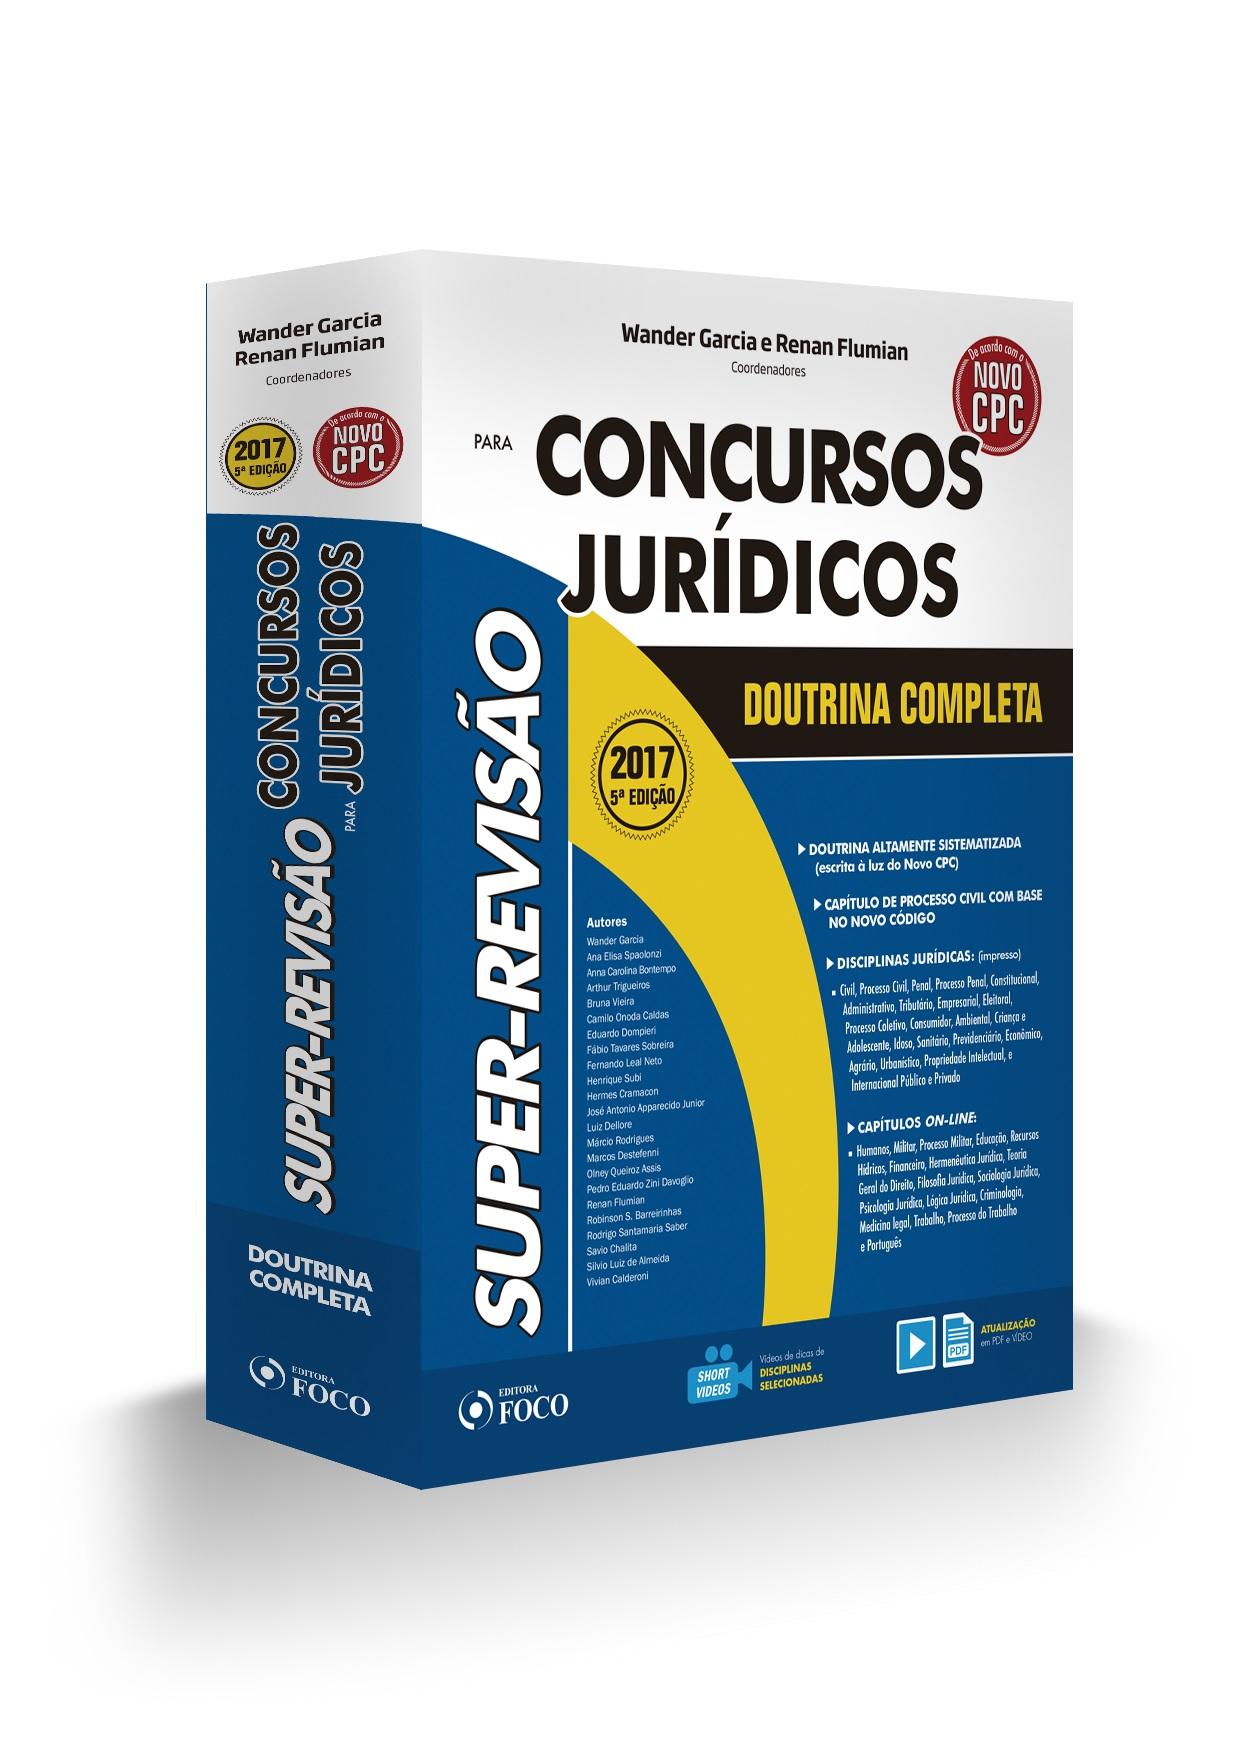 SUPER REVISAO PARA CONCURSOS JURIDICOS - DOUTRINA COMPLETA - 5ª ED - 2017